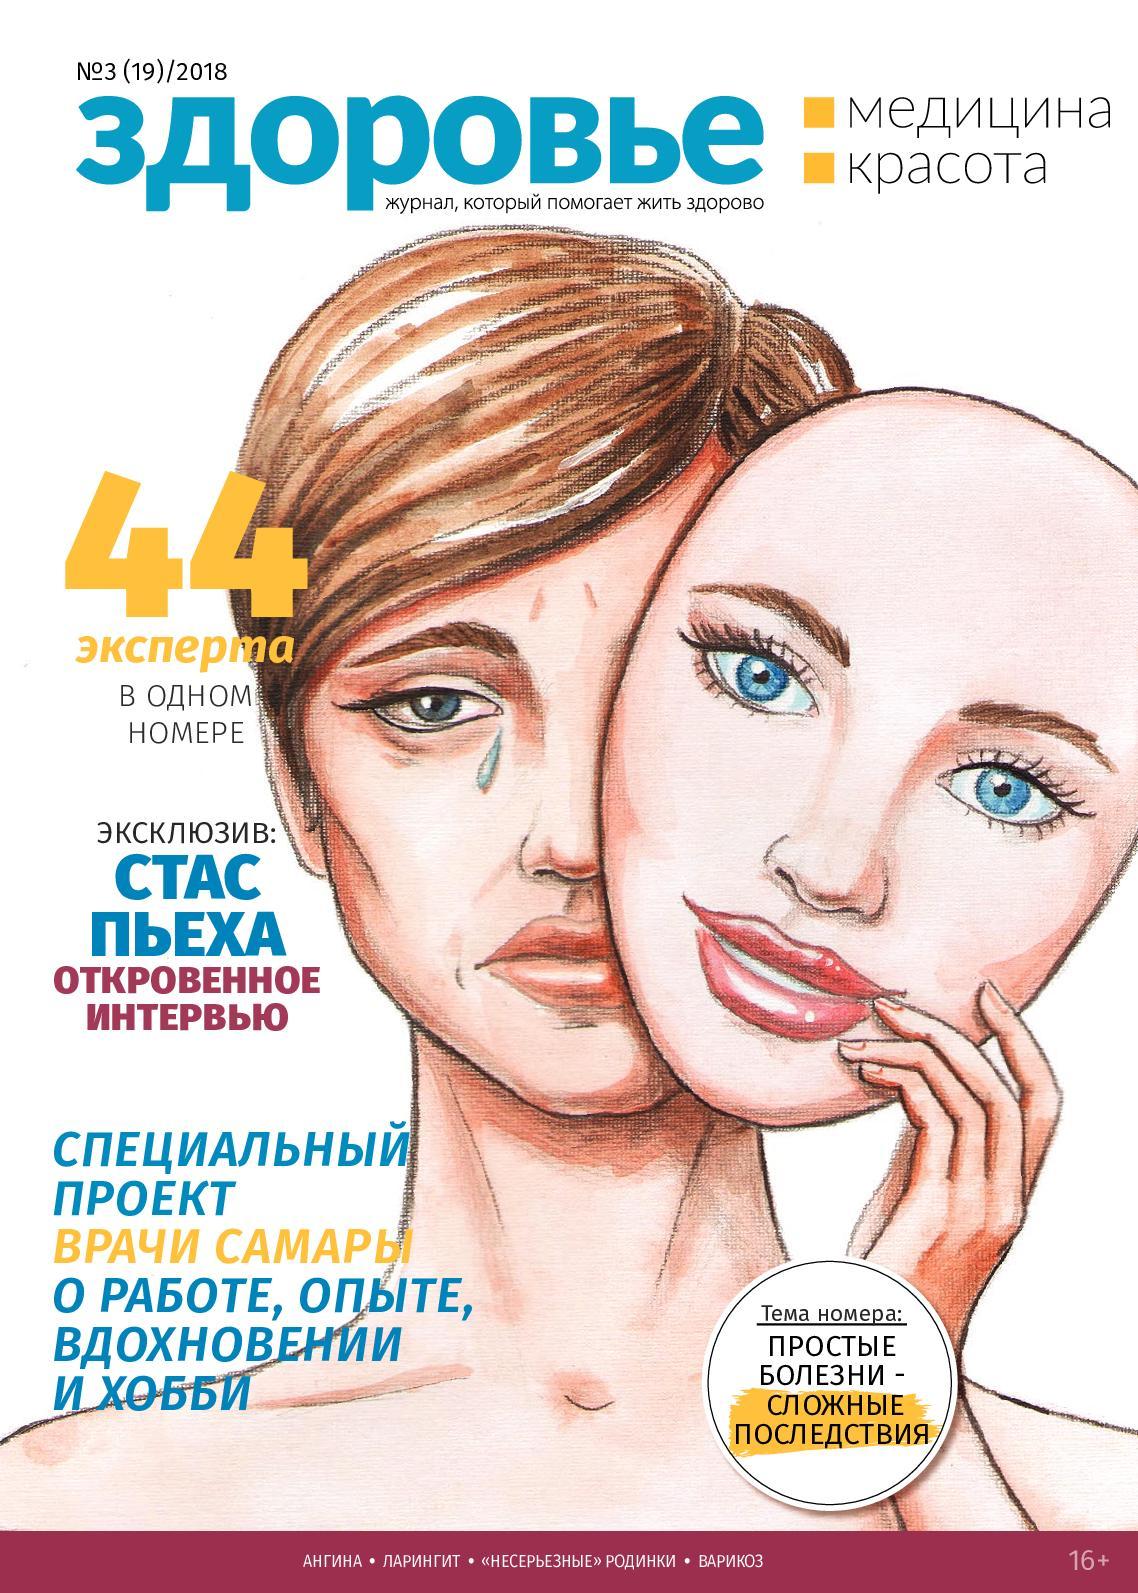 Сканирование Девушек Рентгеновскими Очками – И Целого Мира Мало (1999)